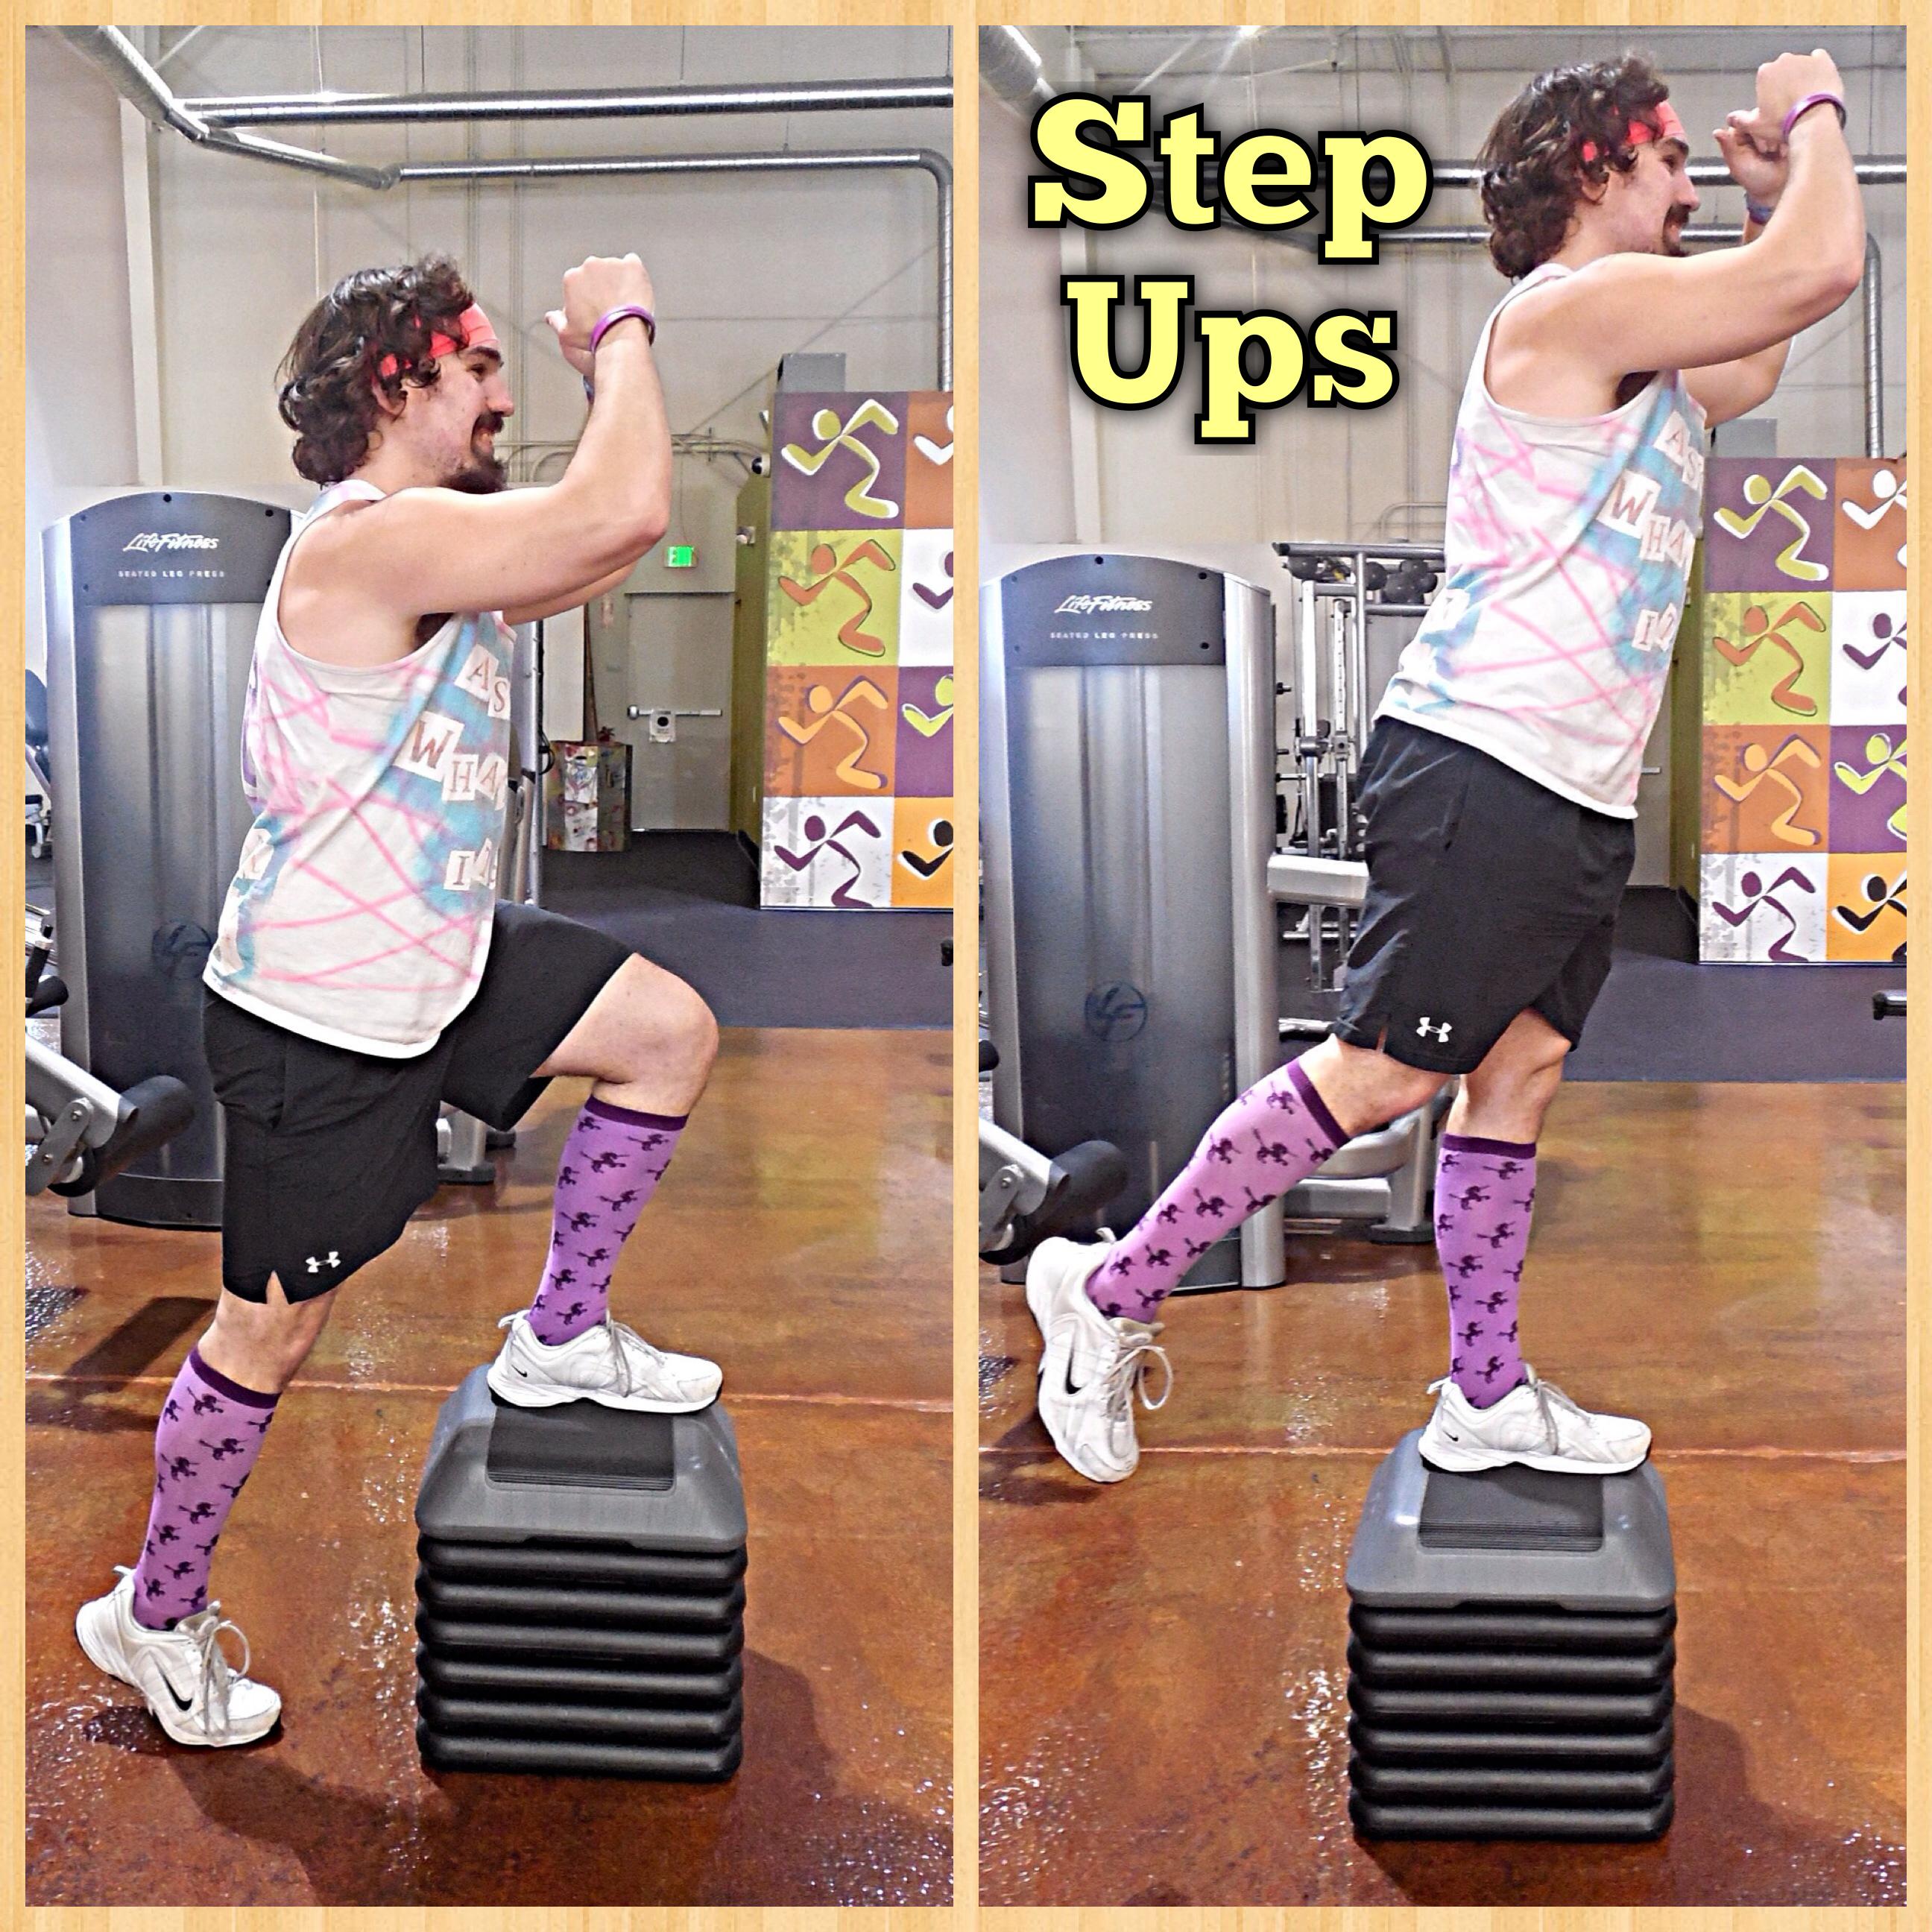 Step platform do it yourself. Exercises on a step platform 98